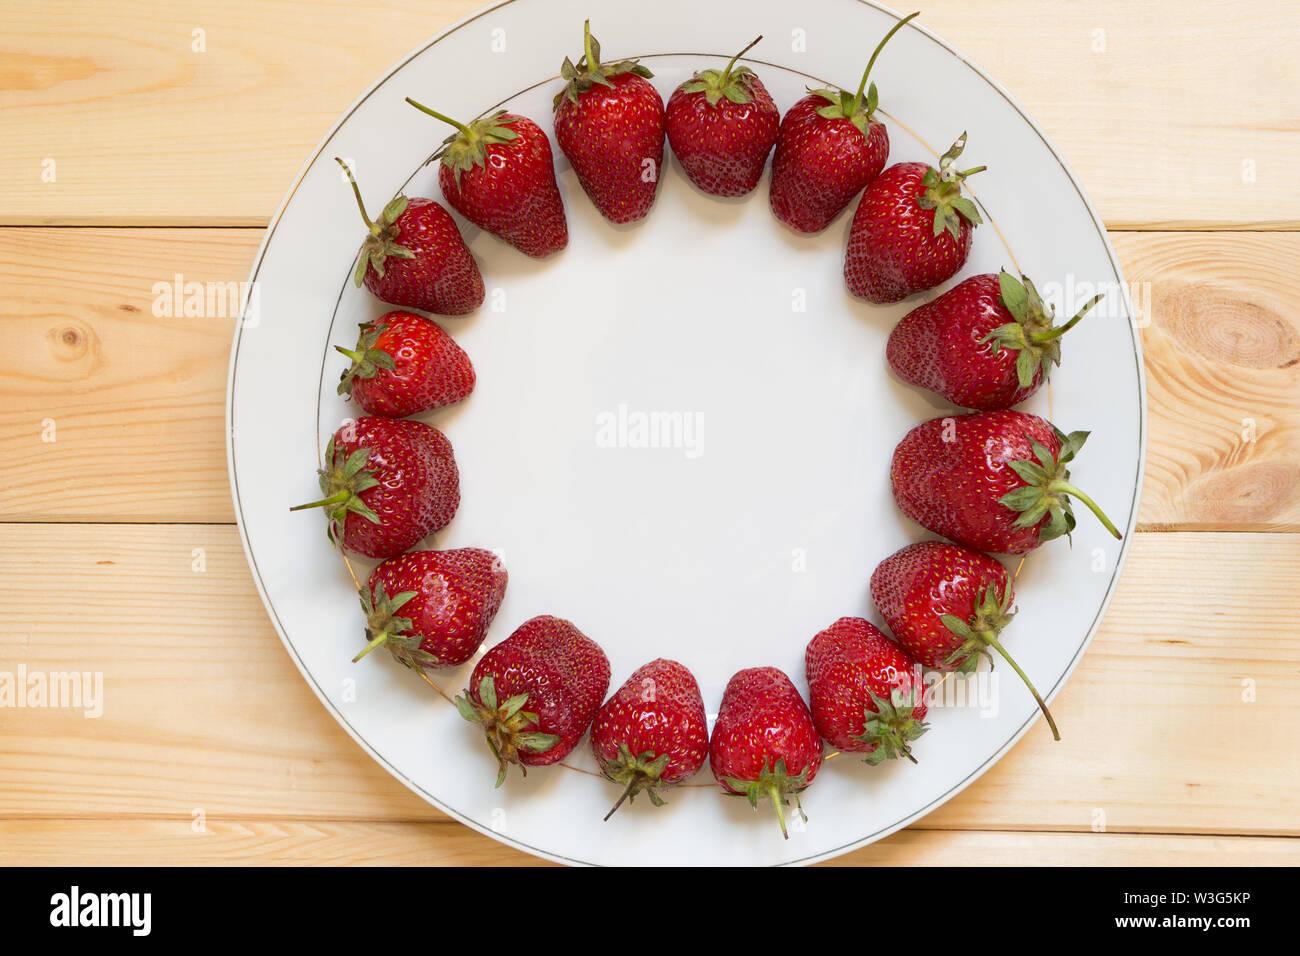 Rote reife Erdbeeren in Kreis Form auf weiße Platte auf hellem Holztisch. Kopieren Sie Raum in der Mitte des Rahmens. Für Text platzieren. Lecker natur Stockfoto